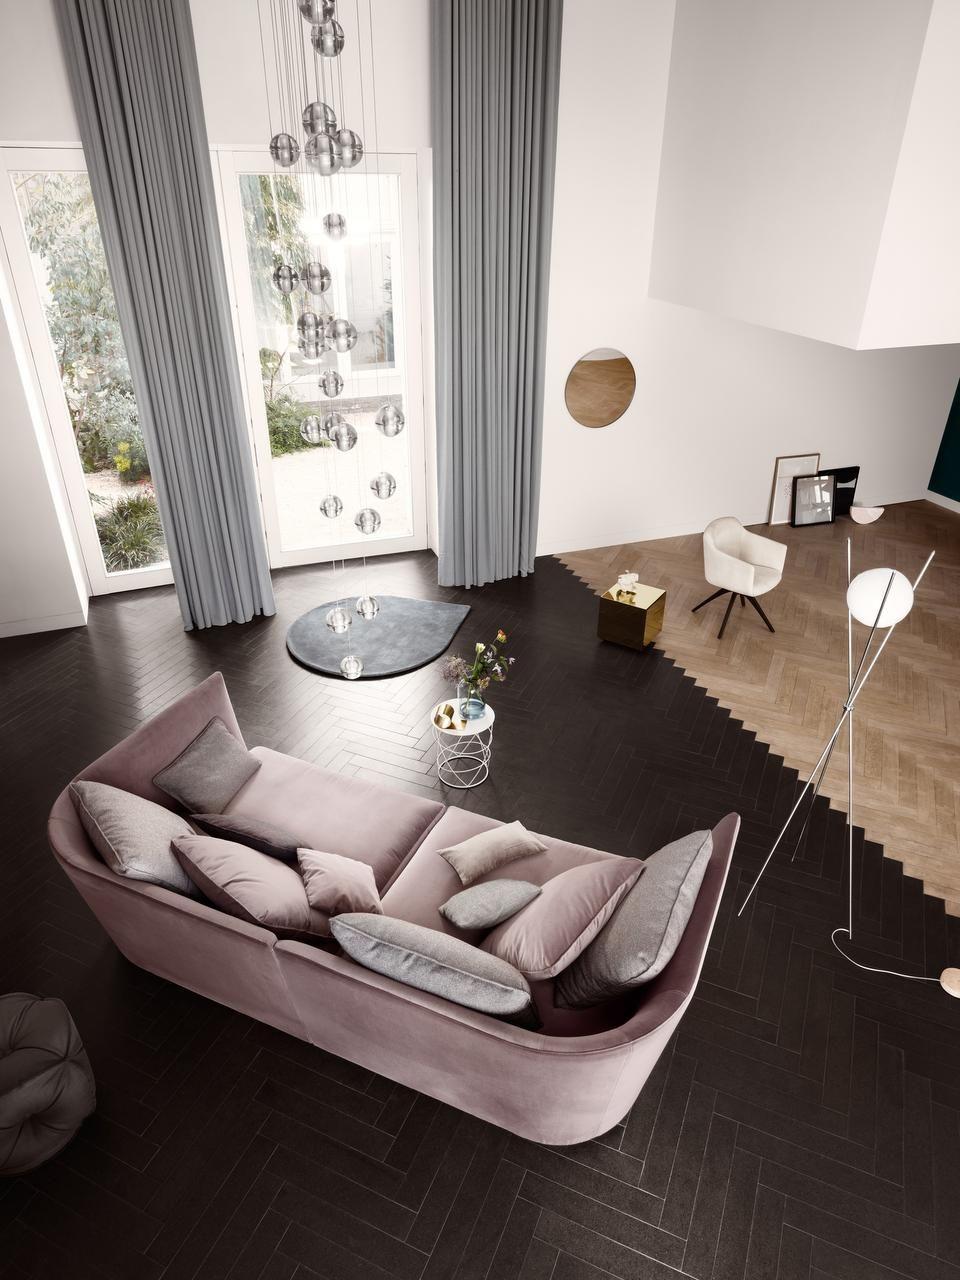 wooninspiratie, kleur, verf, woonkamer, styling, meubels | Huiskamer ...